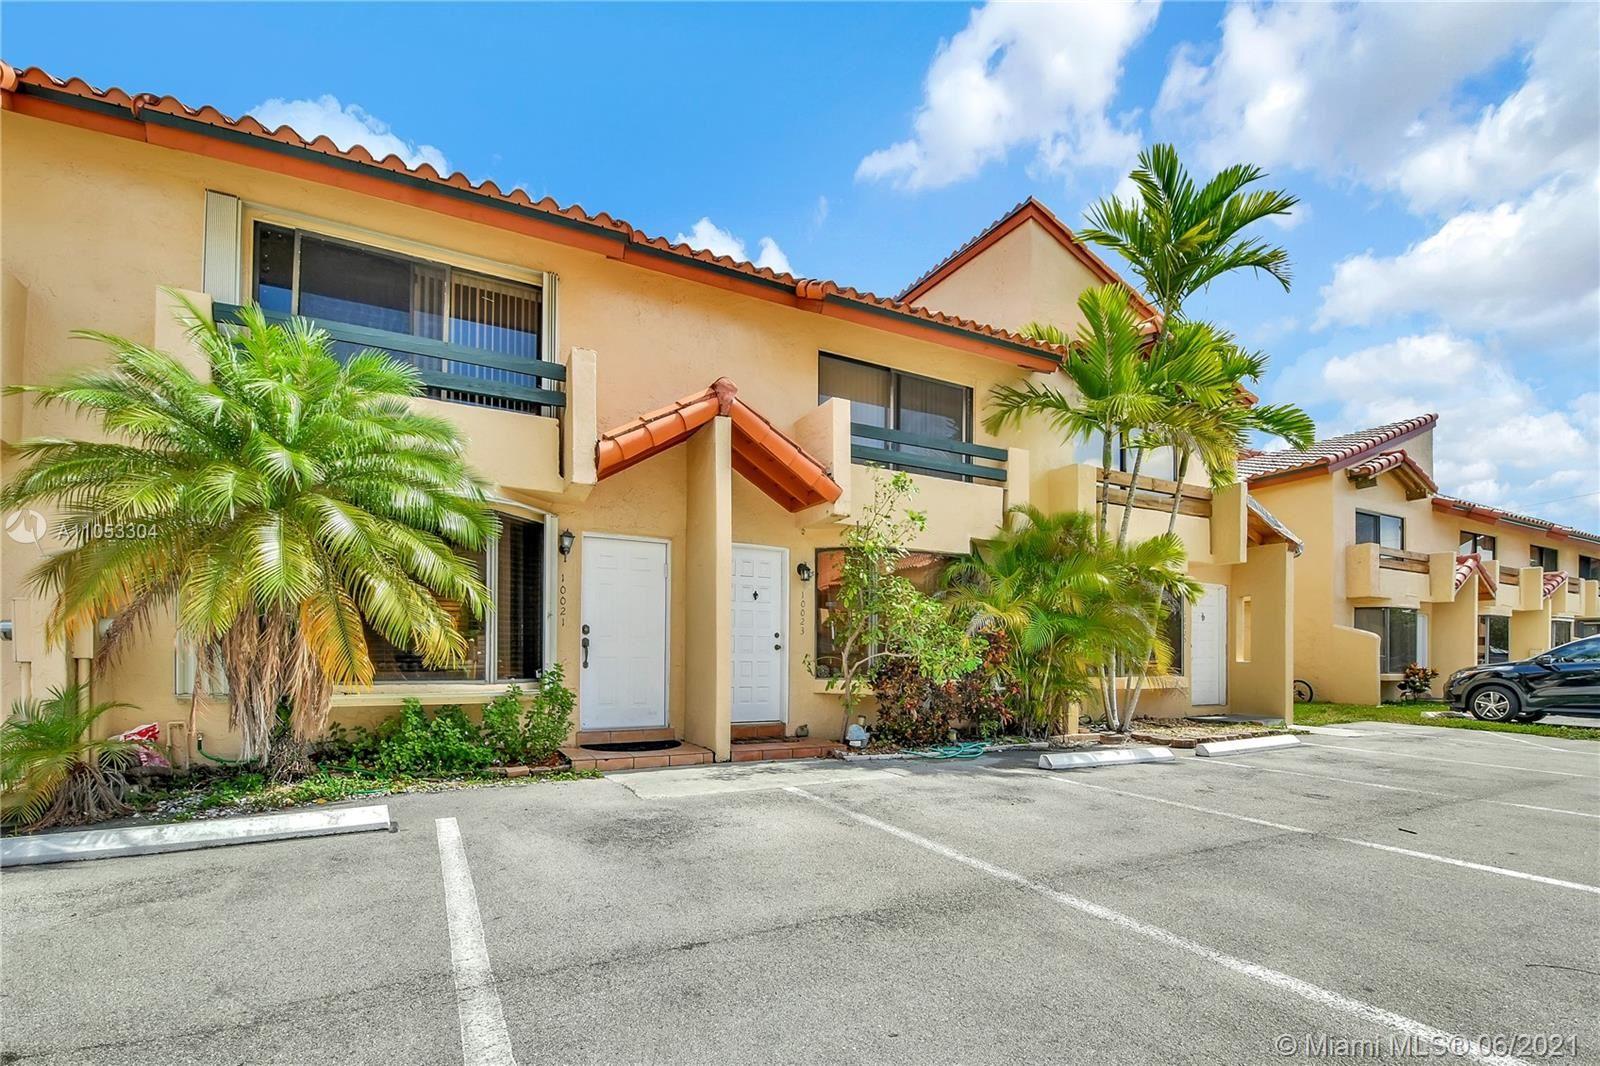 10021 SW 77th Ct, Miami, FL 33156 - #: A11053304